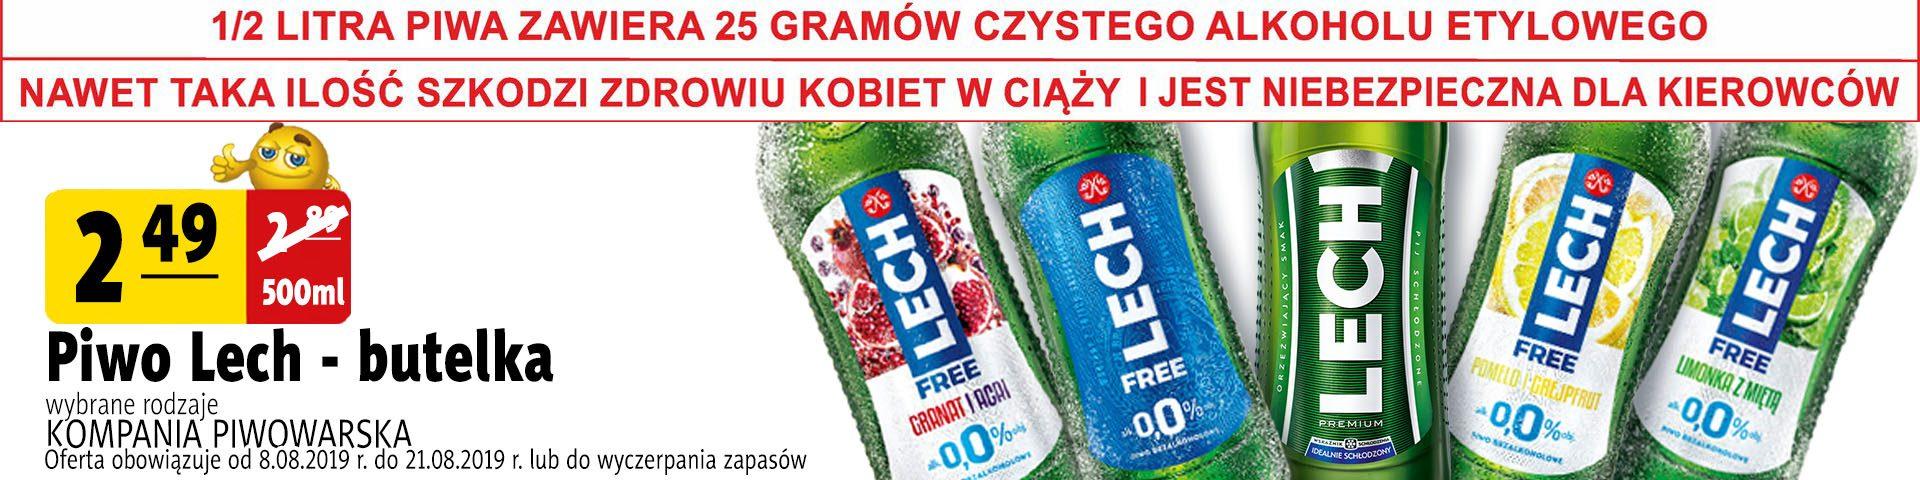 billboard_8-21.08_lech